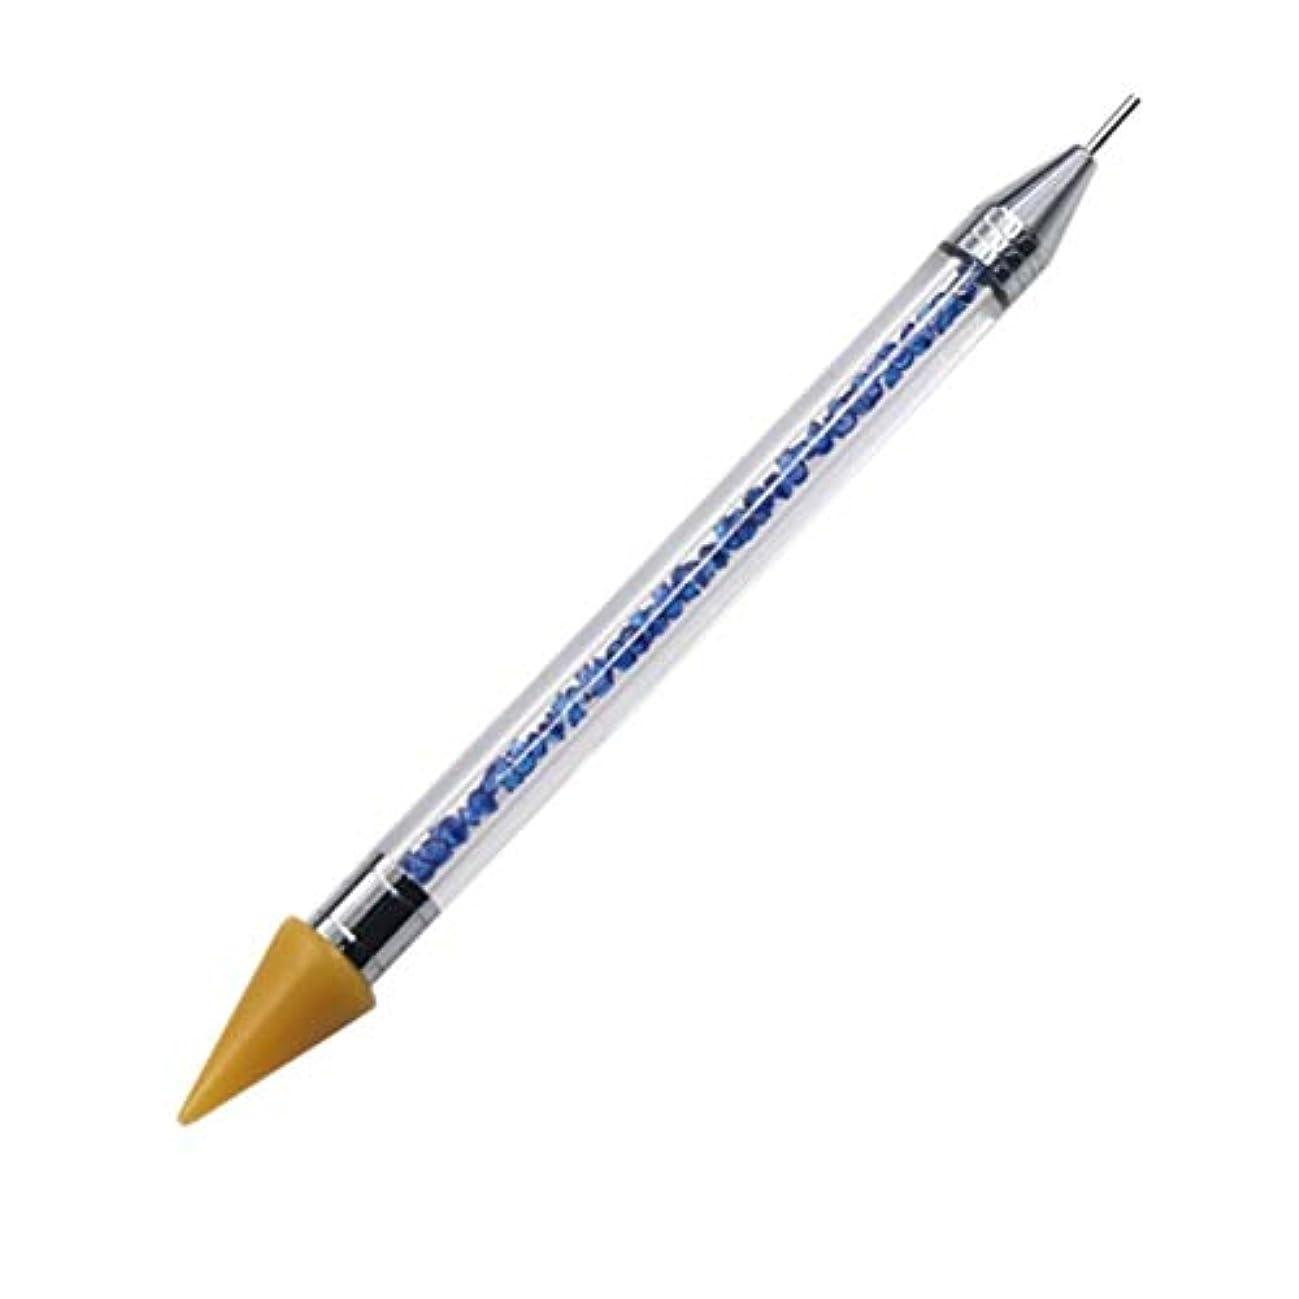 桁過度に愛ネイルペン DIY デュアルエンド 絵画ツール ペン ネイル筆 ネイルアートペン ネイルアートブラシ マニキュアツールキット ネイルツール ネイル用品 ラインストーンピッカー点在ペン マニキュアネイルアート DIY 装飾ツール